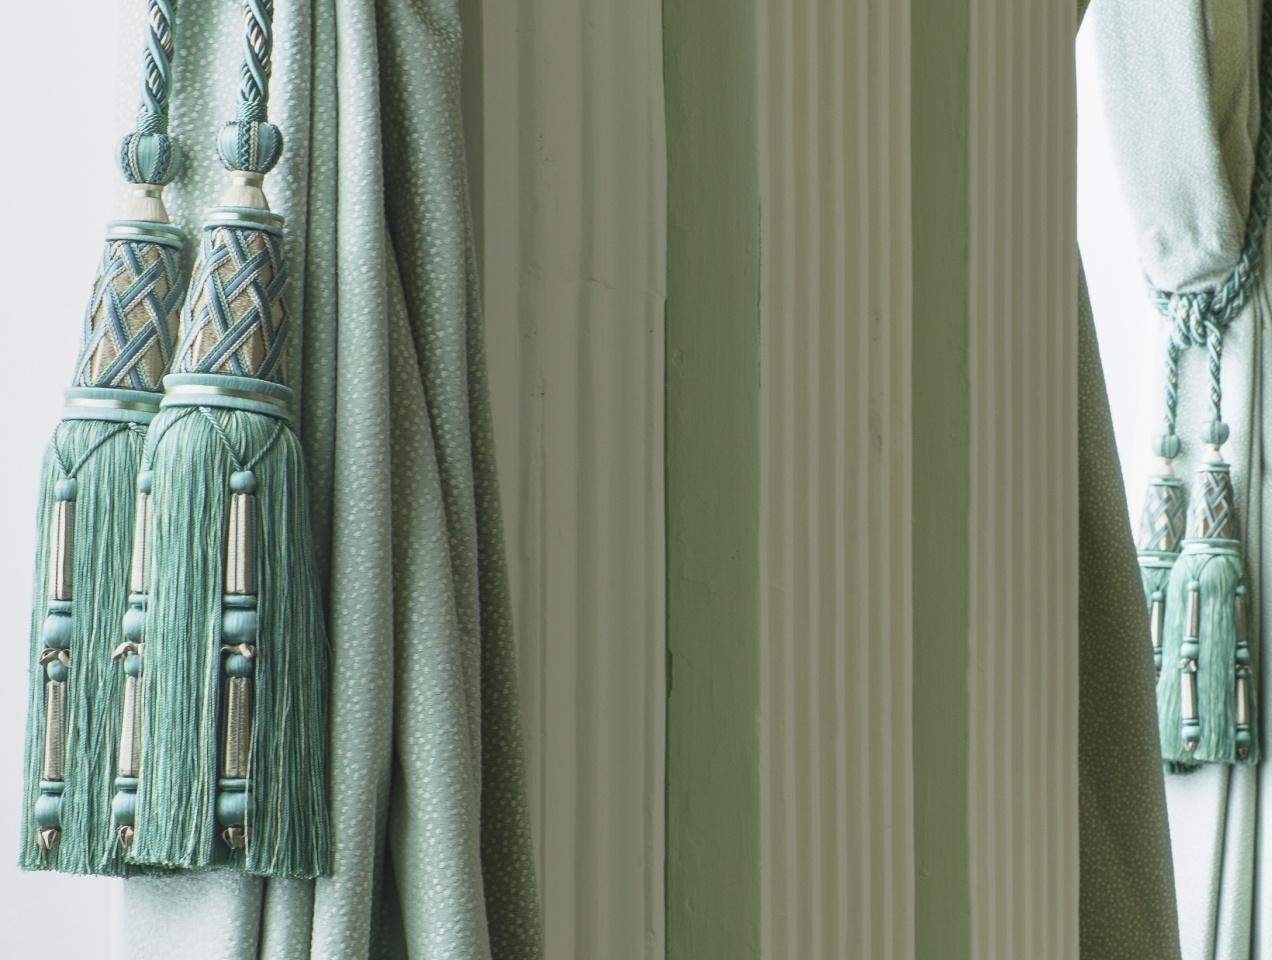 Interieur Passion Home Textiles houlès - referenzen (de-de)